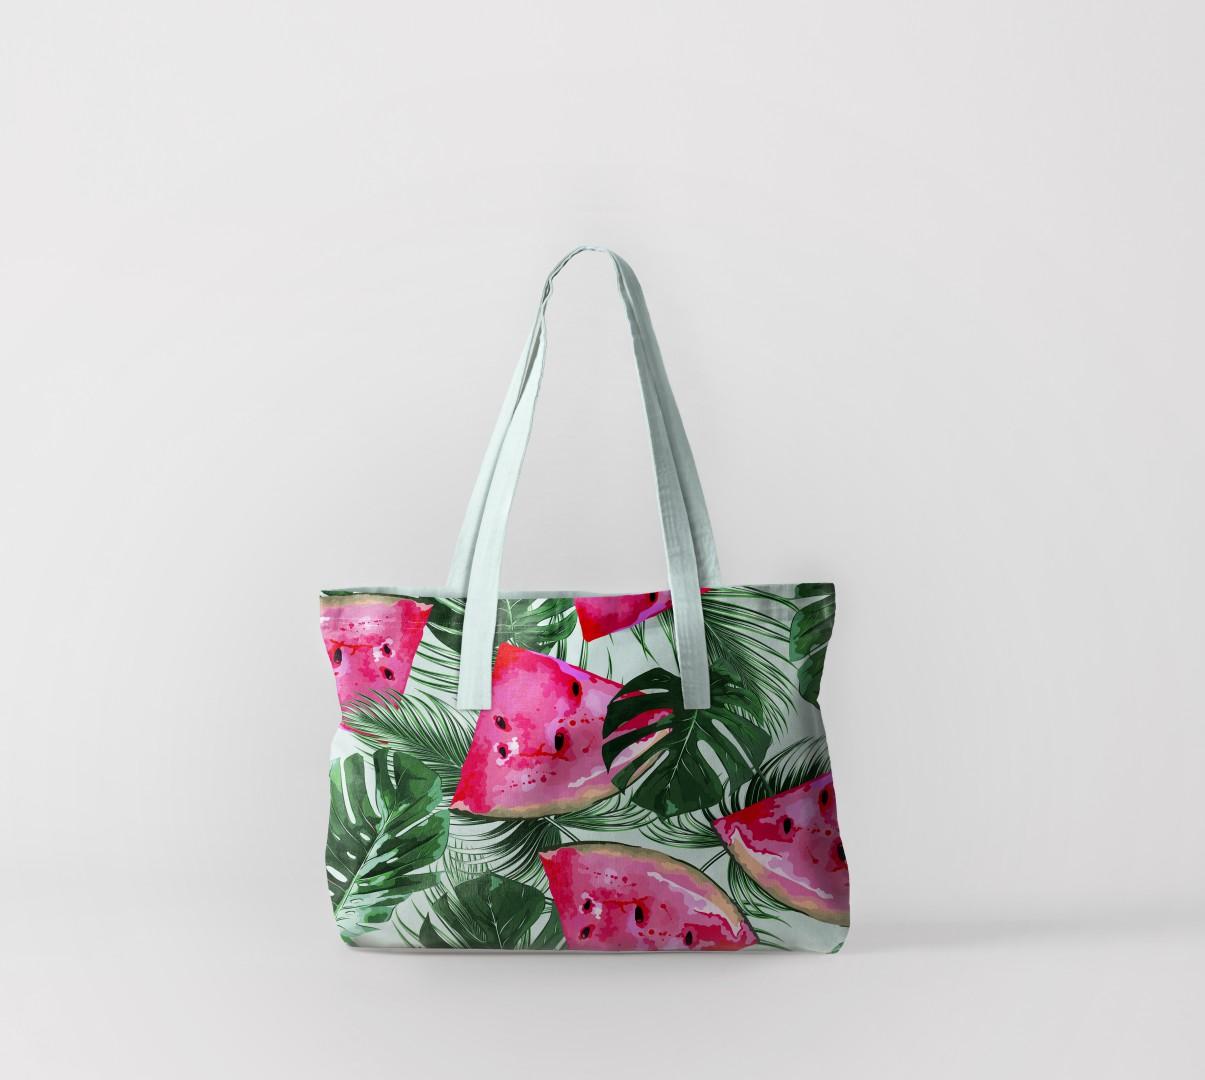 Пляжная сумка Арбузы (50х40 см) Олимп Текстиль oli732554